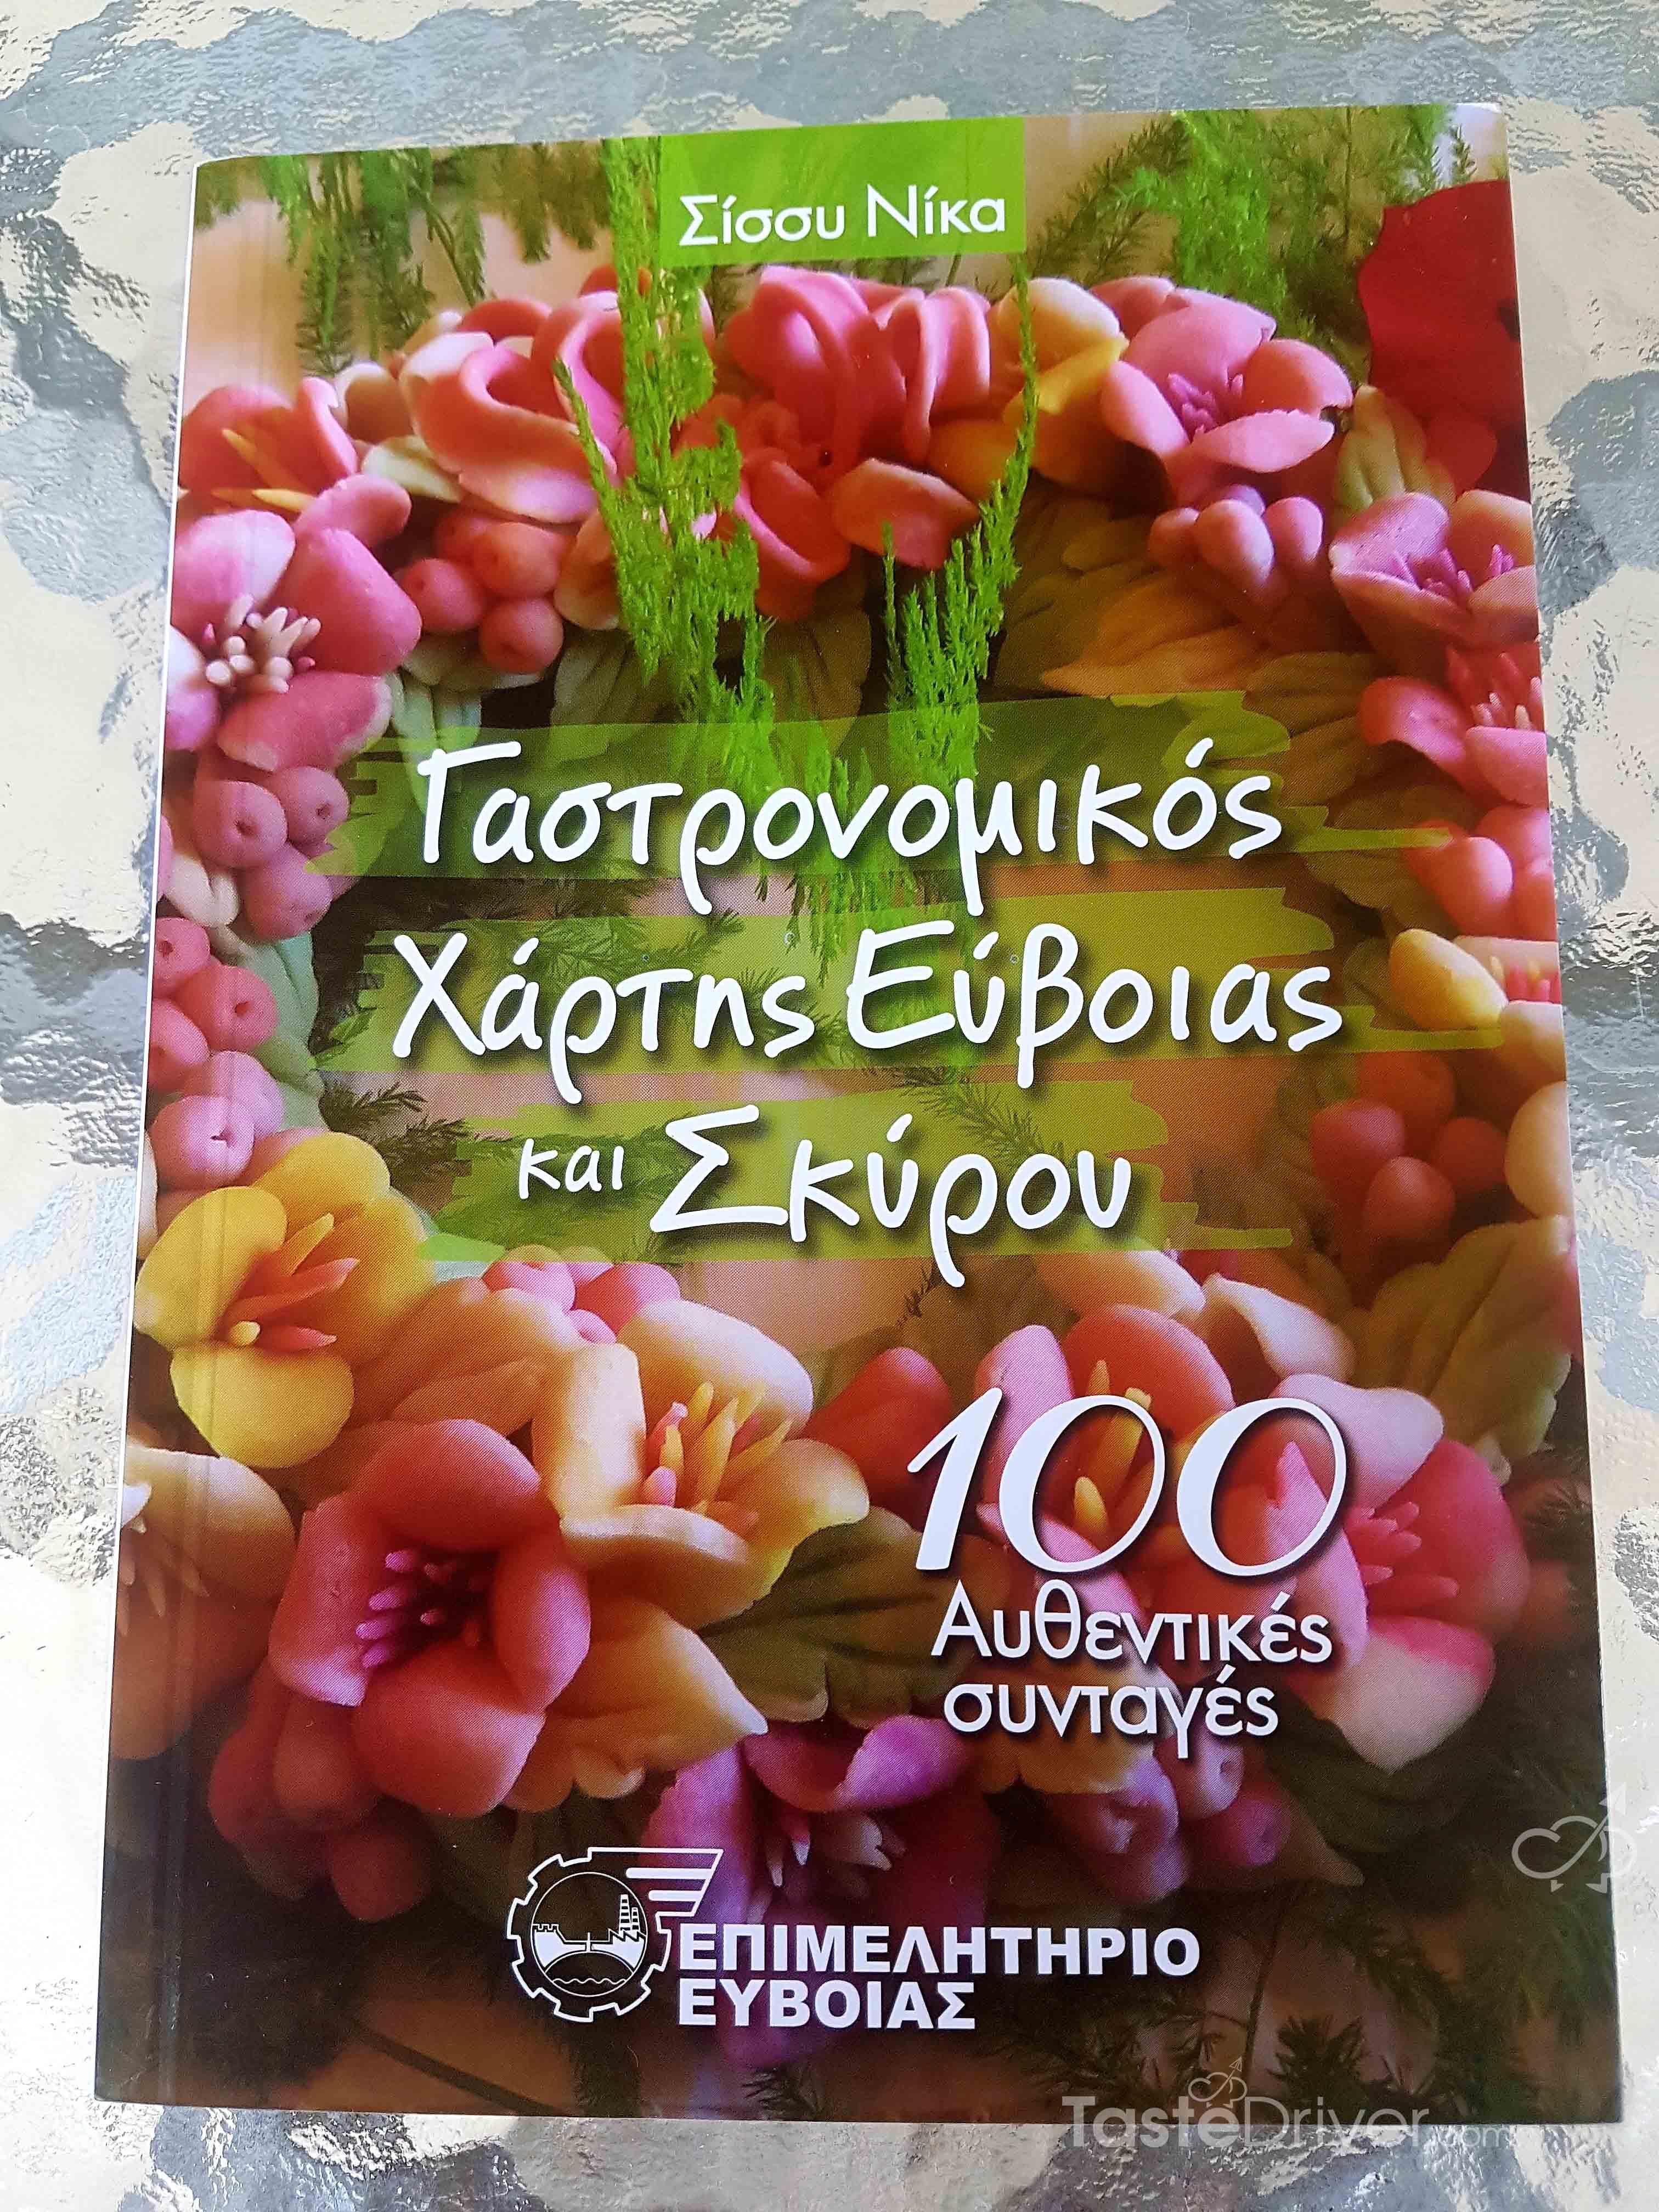 βιβλίο, Γαστρονομικός Χάρτης, Σίσσυ Νίκα, 100 συνταγές